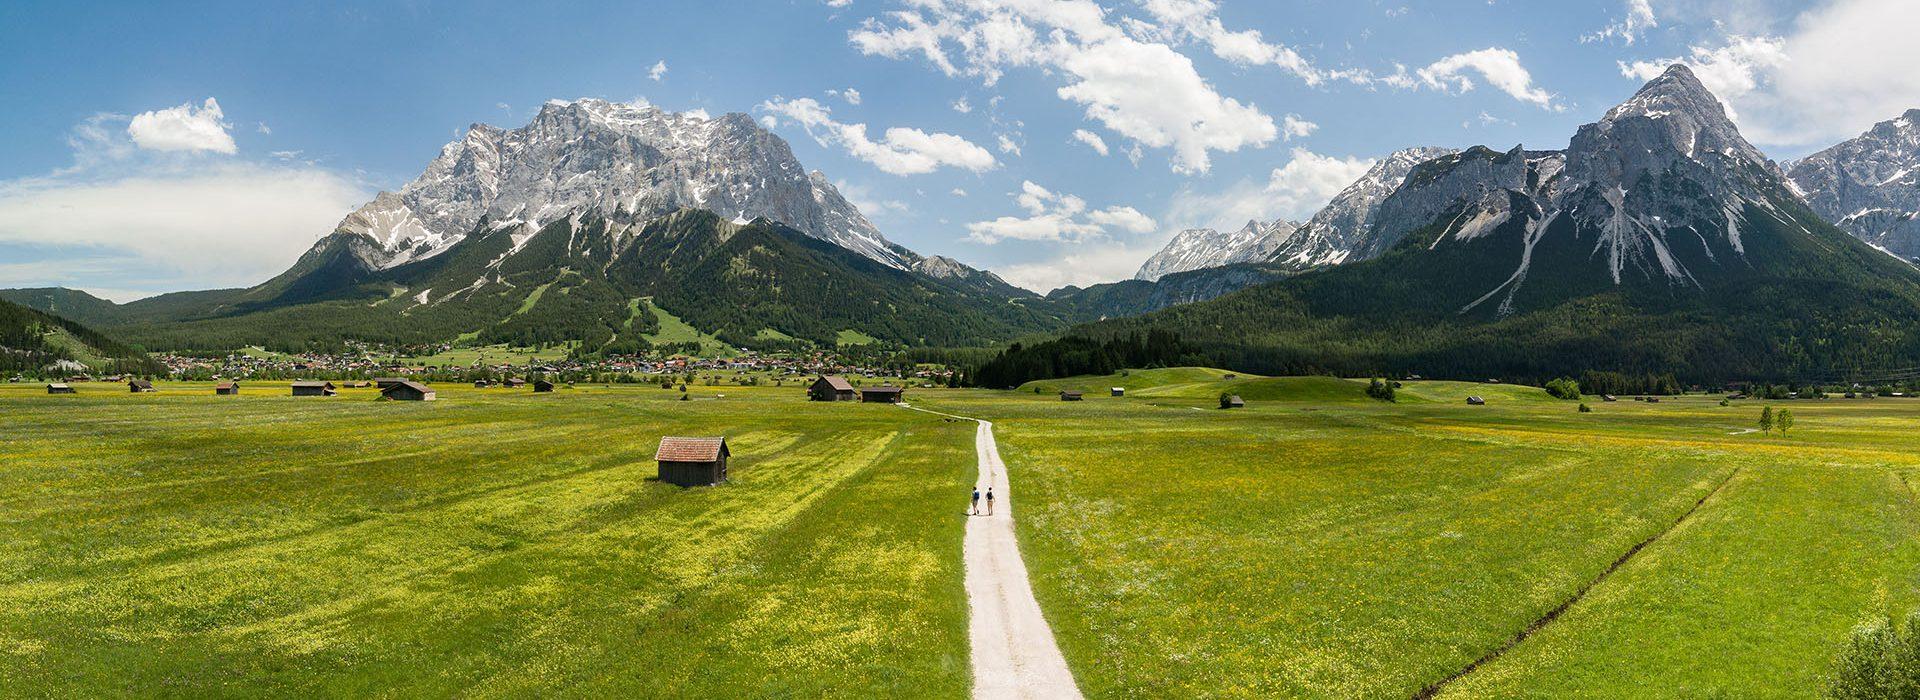 Panorama Tiroler Zugspitz Arena ©TVB Tiroler Zugspitz Arena